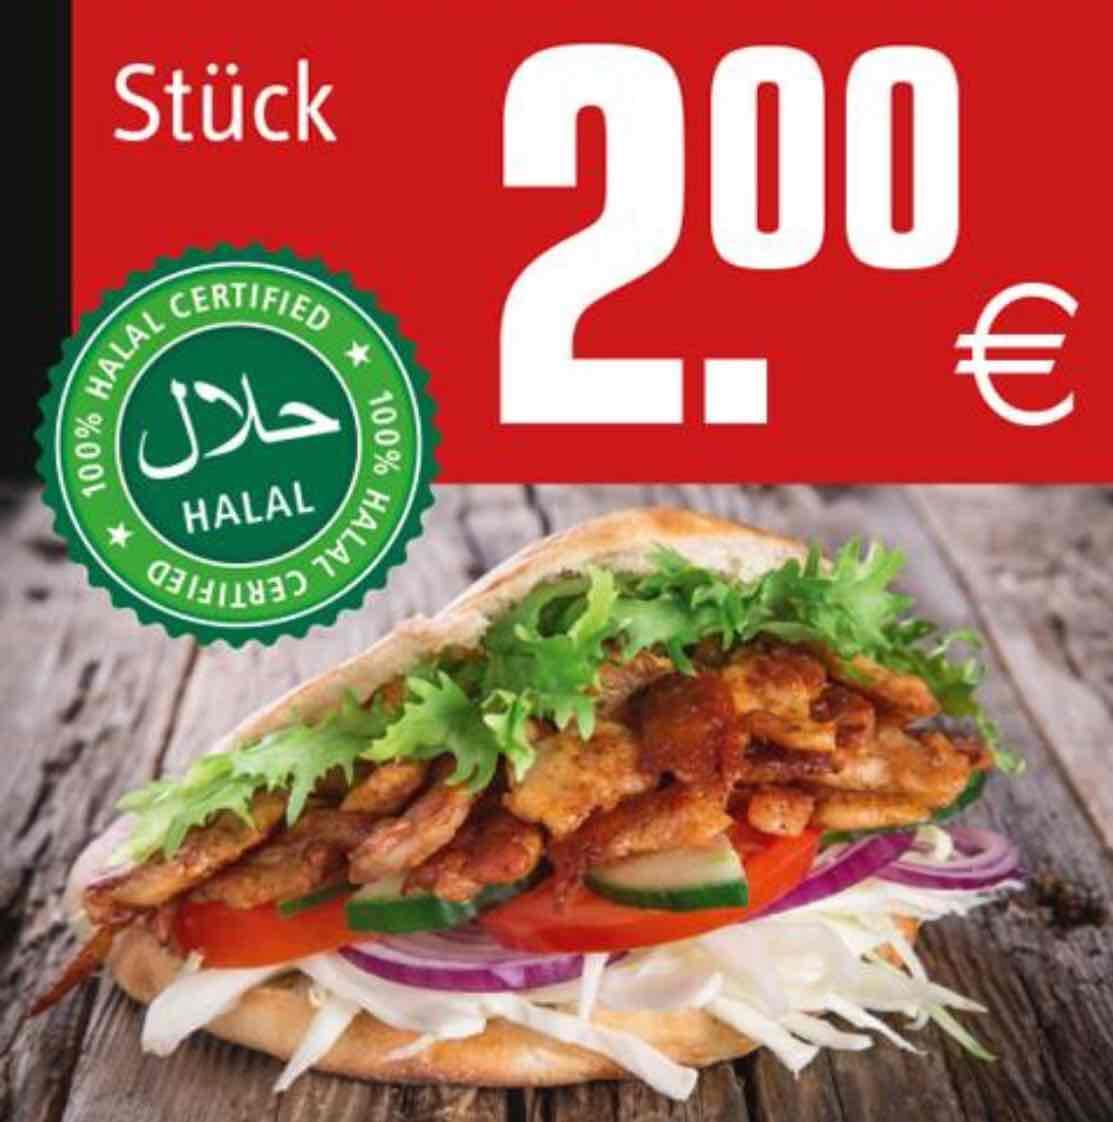 [REWE Widmann, Friedrichshafen am Bodensee] Döner 2€ & mit Käse 2,50€